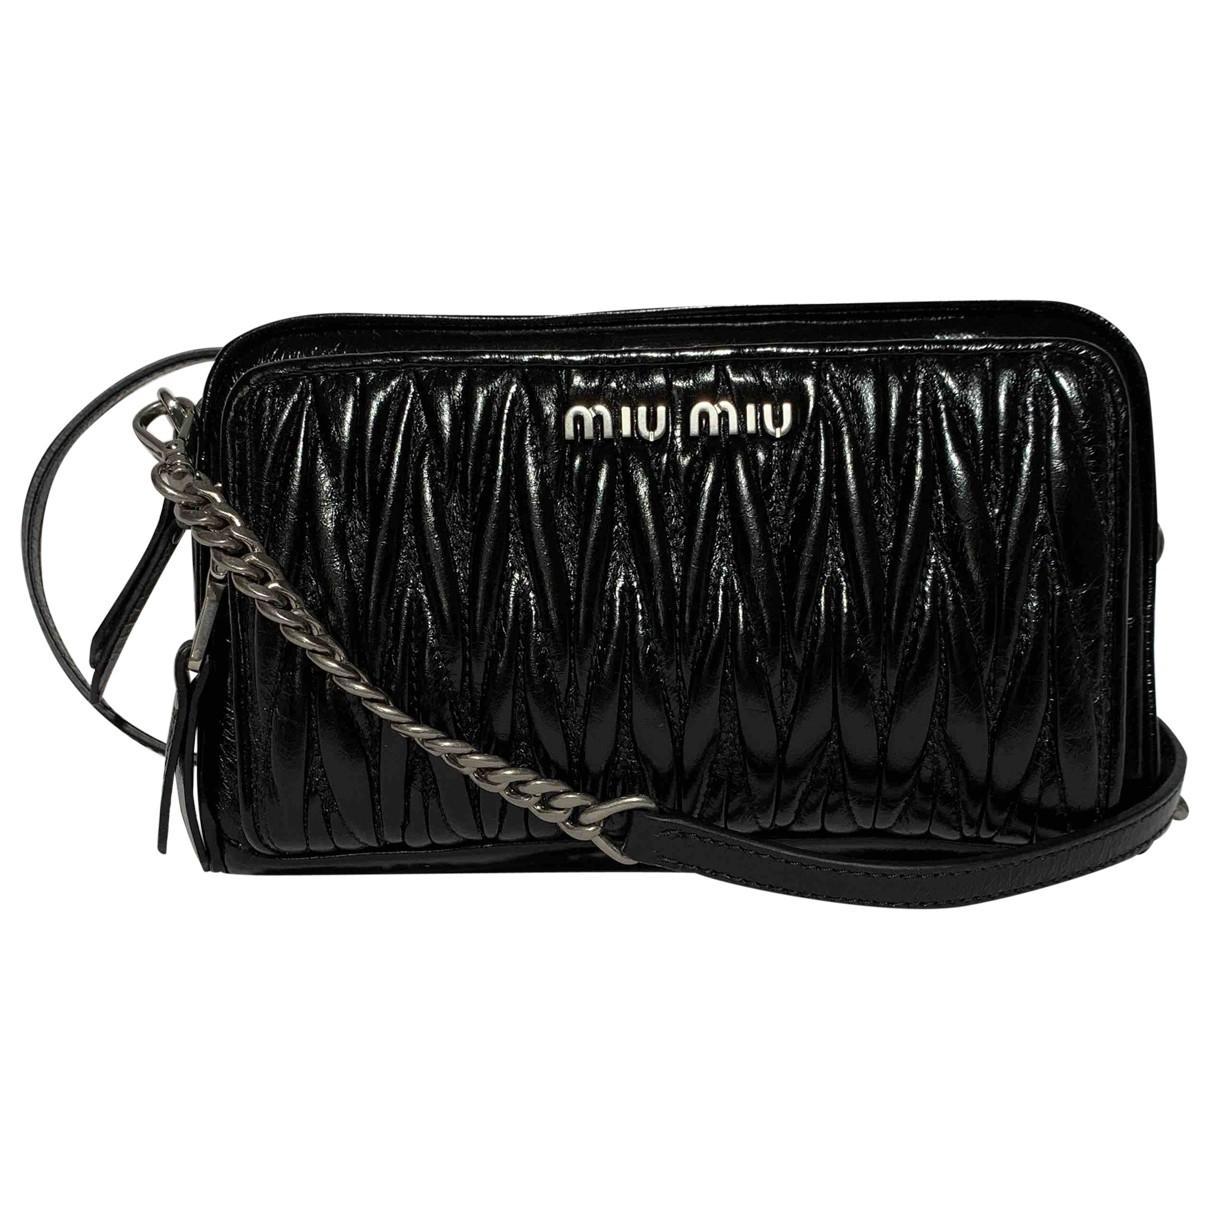 Miu Miu Matelassé Black Leather handbag for Women N